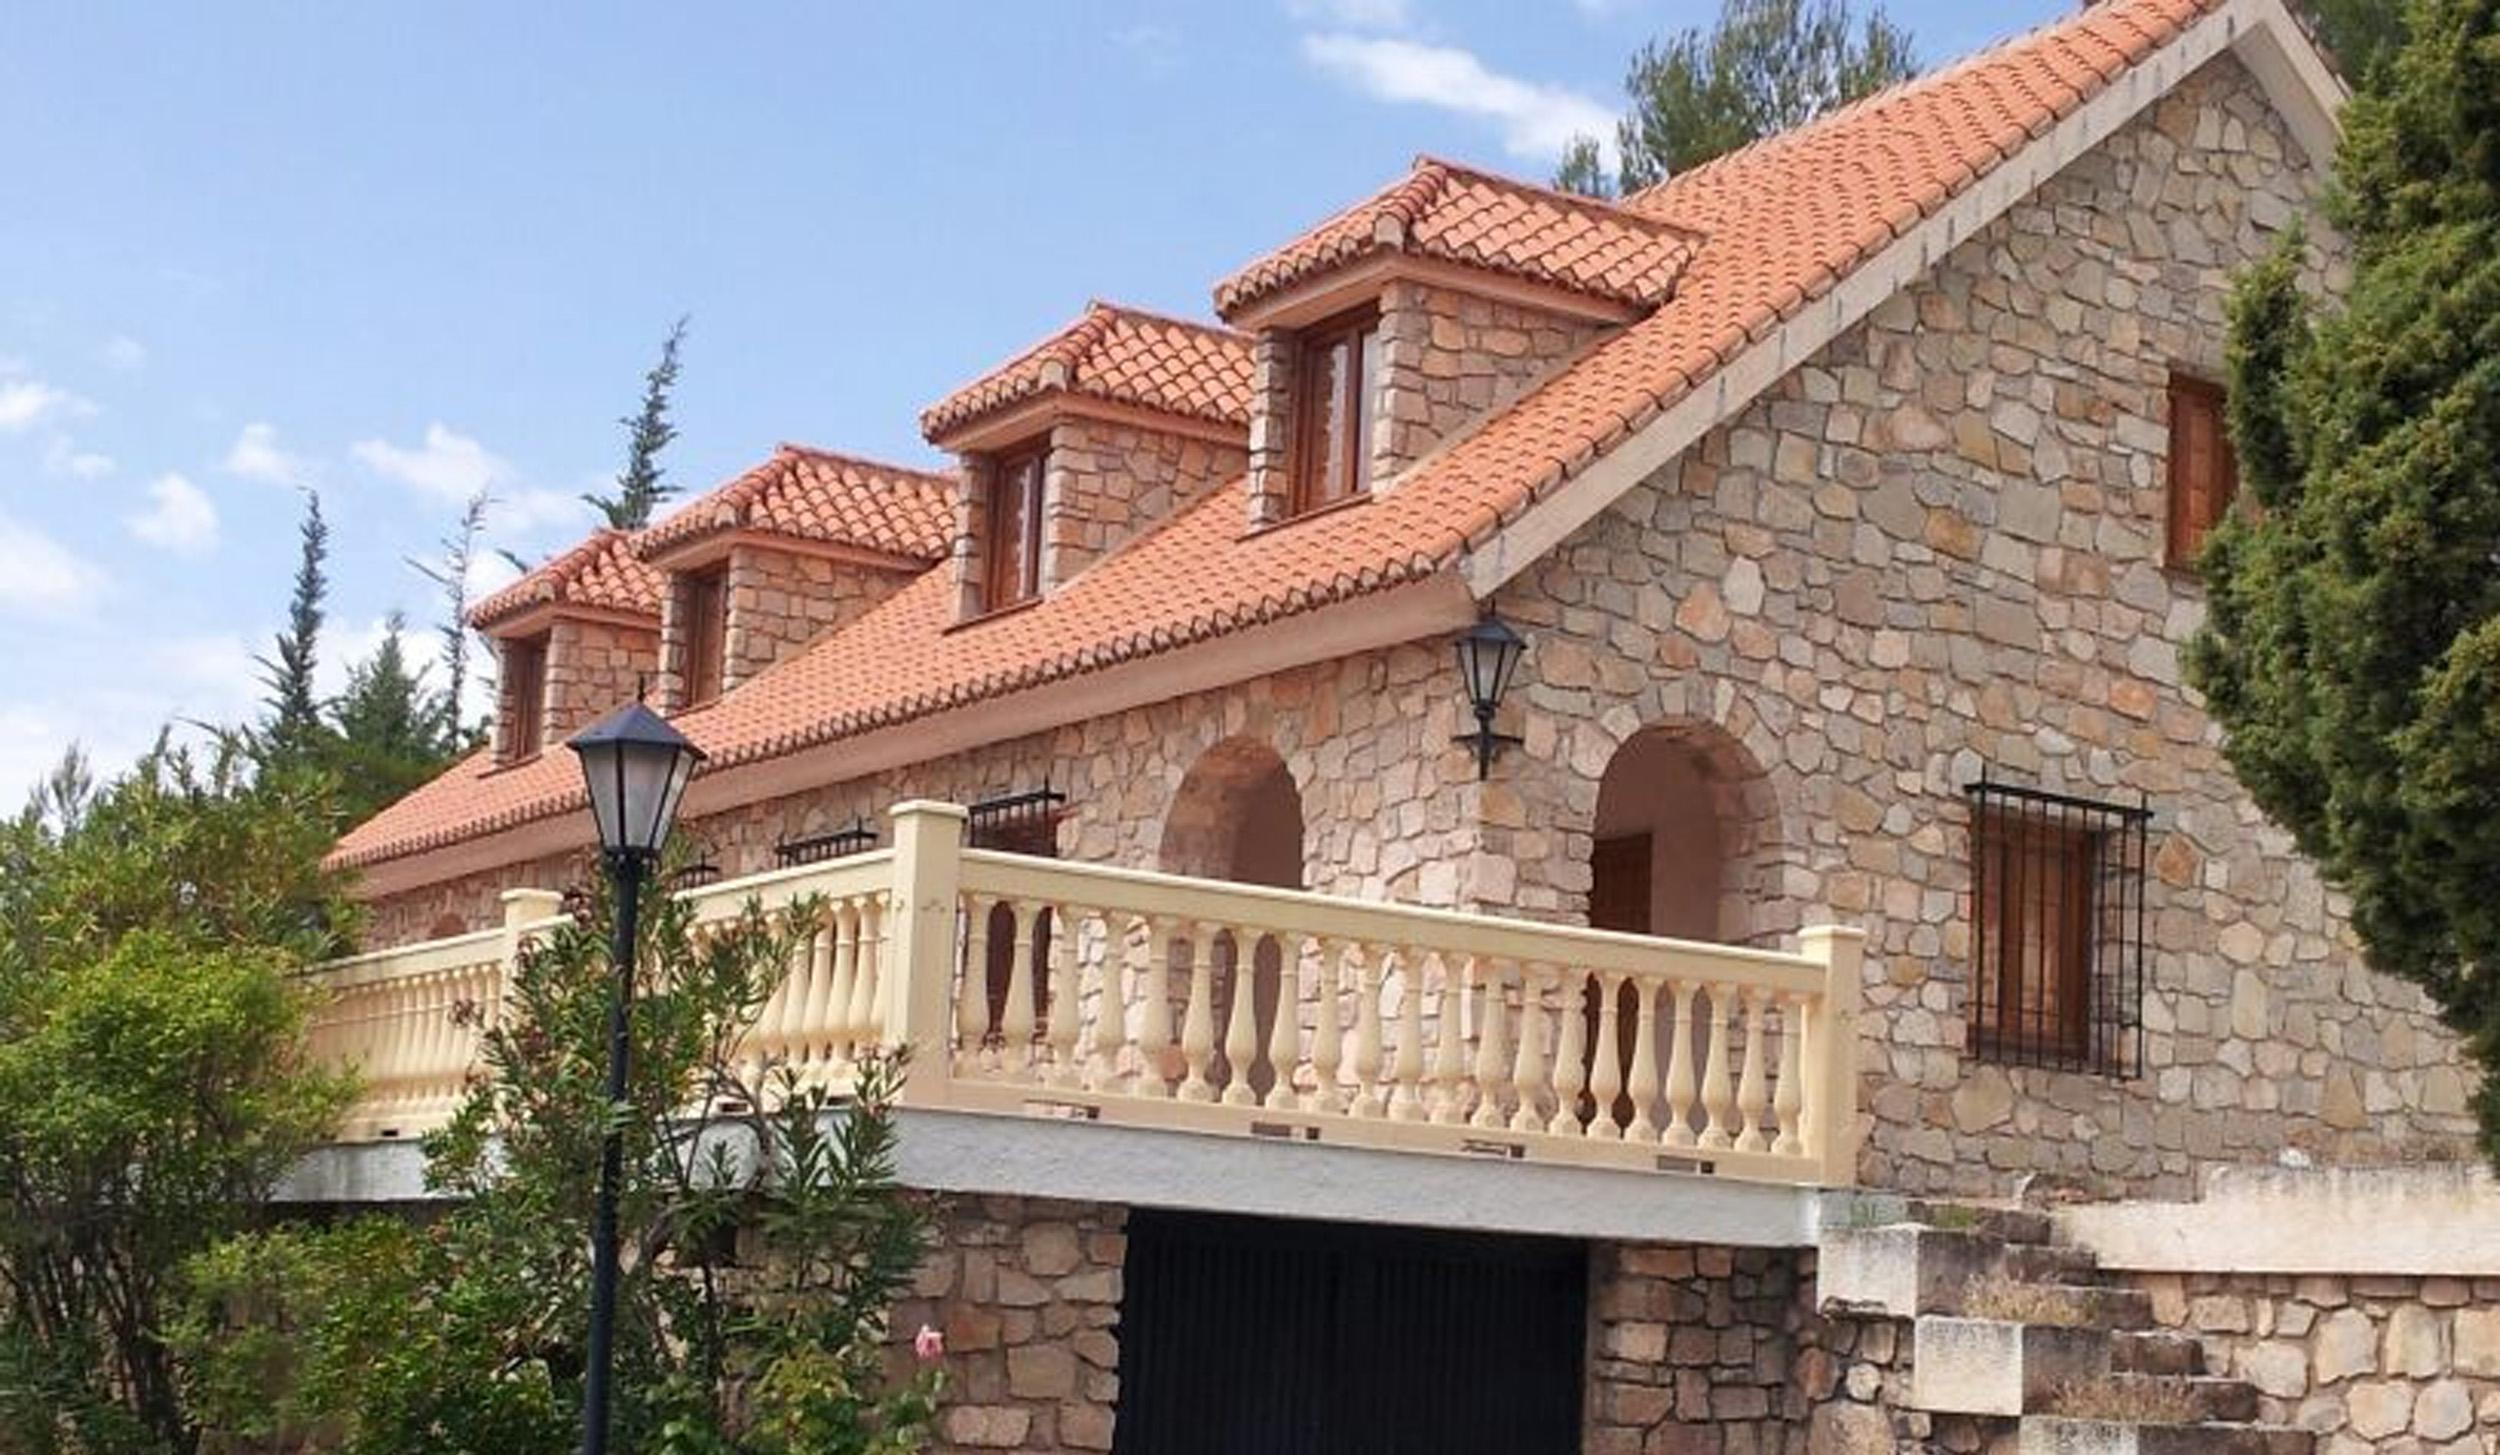 Balaustres Granada Of Balaustres Granada S L U Fabricantes De Balaustres De